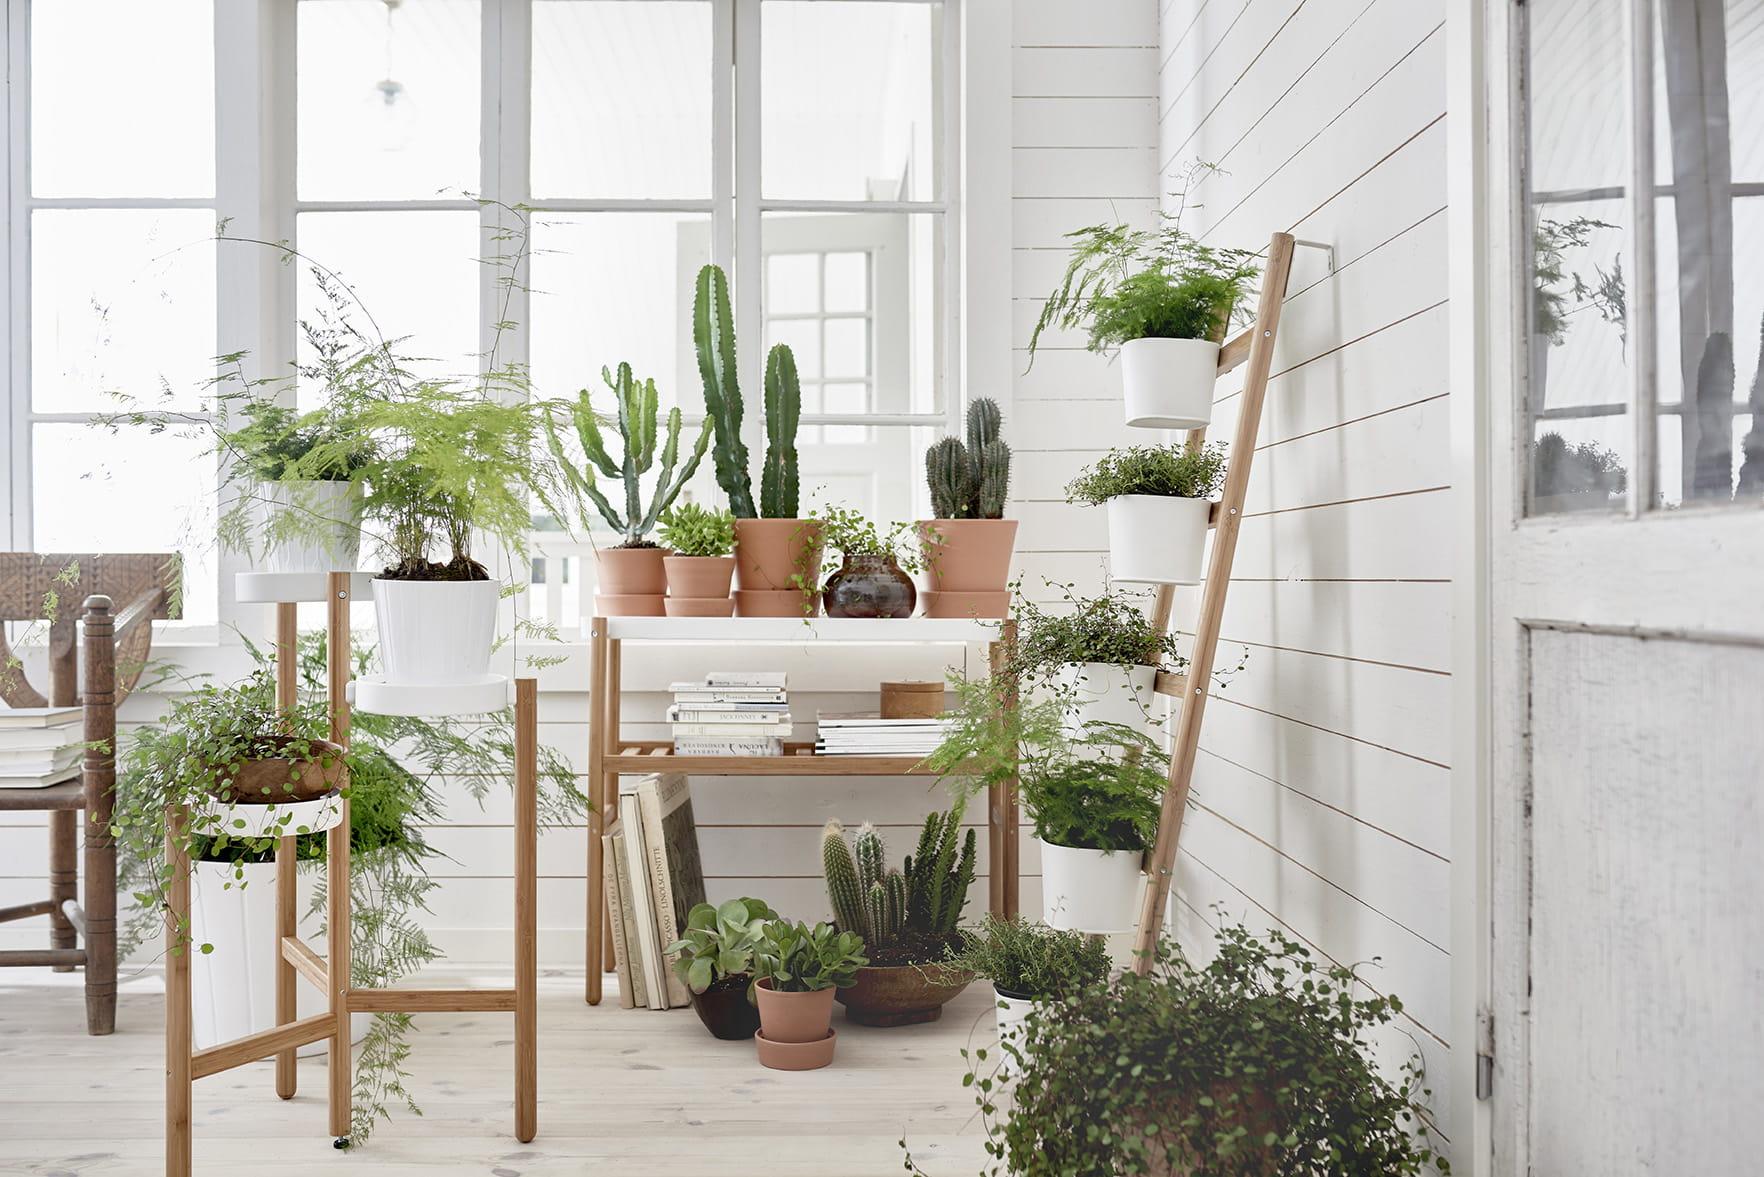 Coup de c ur les supports pour plantes satsumas d 39 ikea - Plante d interieur ikea ...